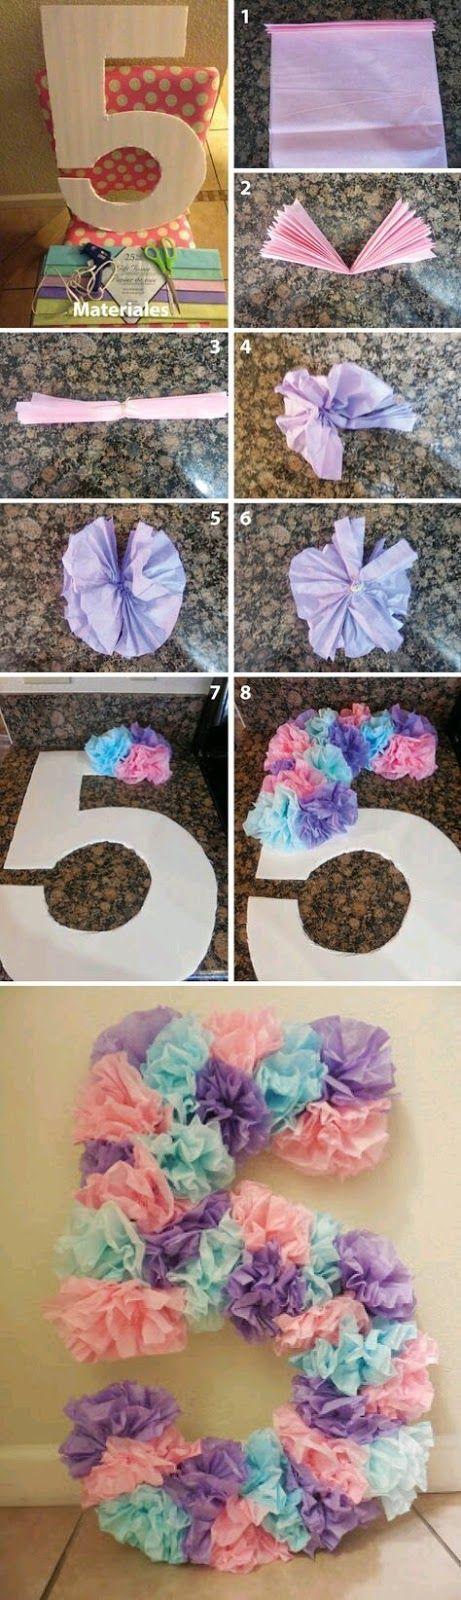 Best 25 decoracion con papel china ideas on pinterest for Decoraciones de papel